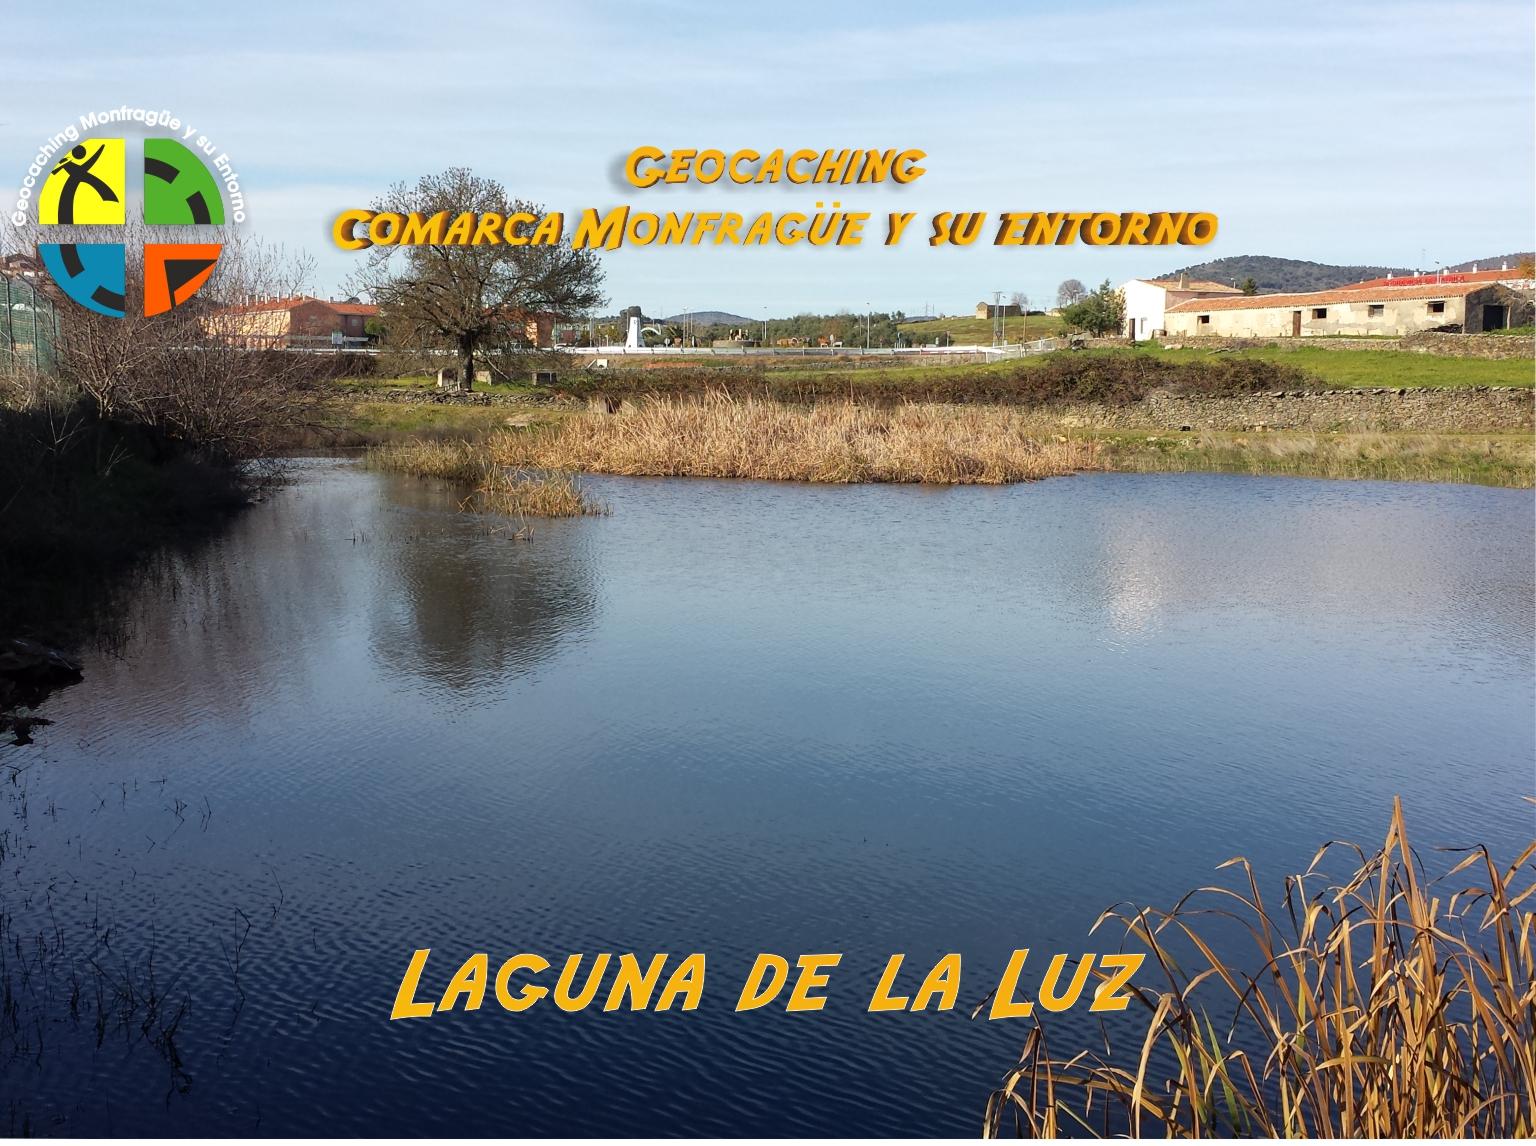 Laguna de la Luz